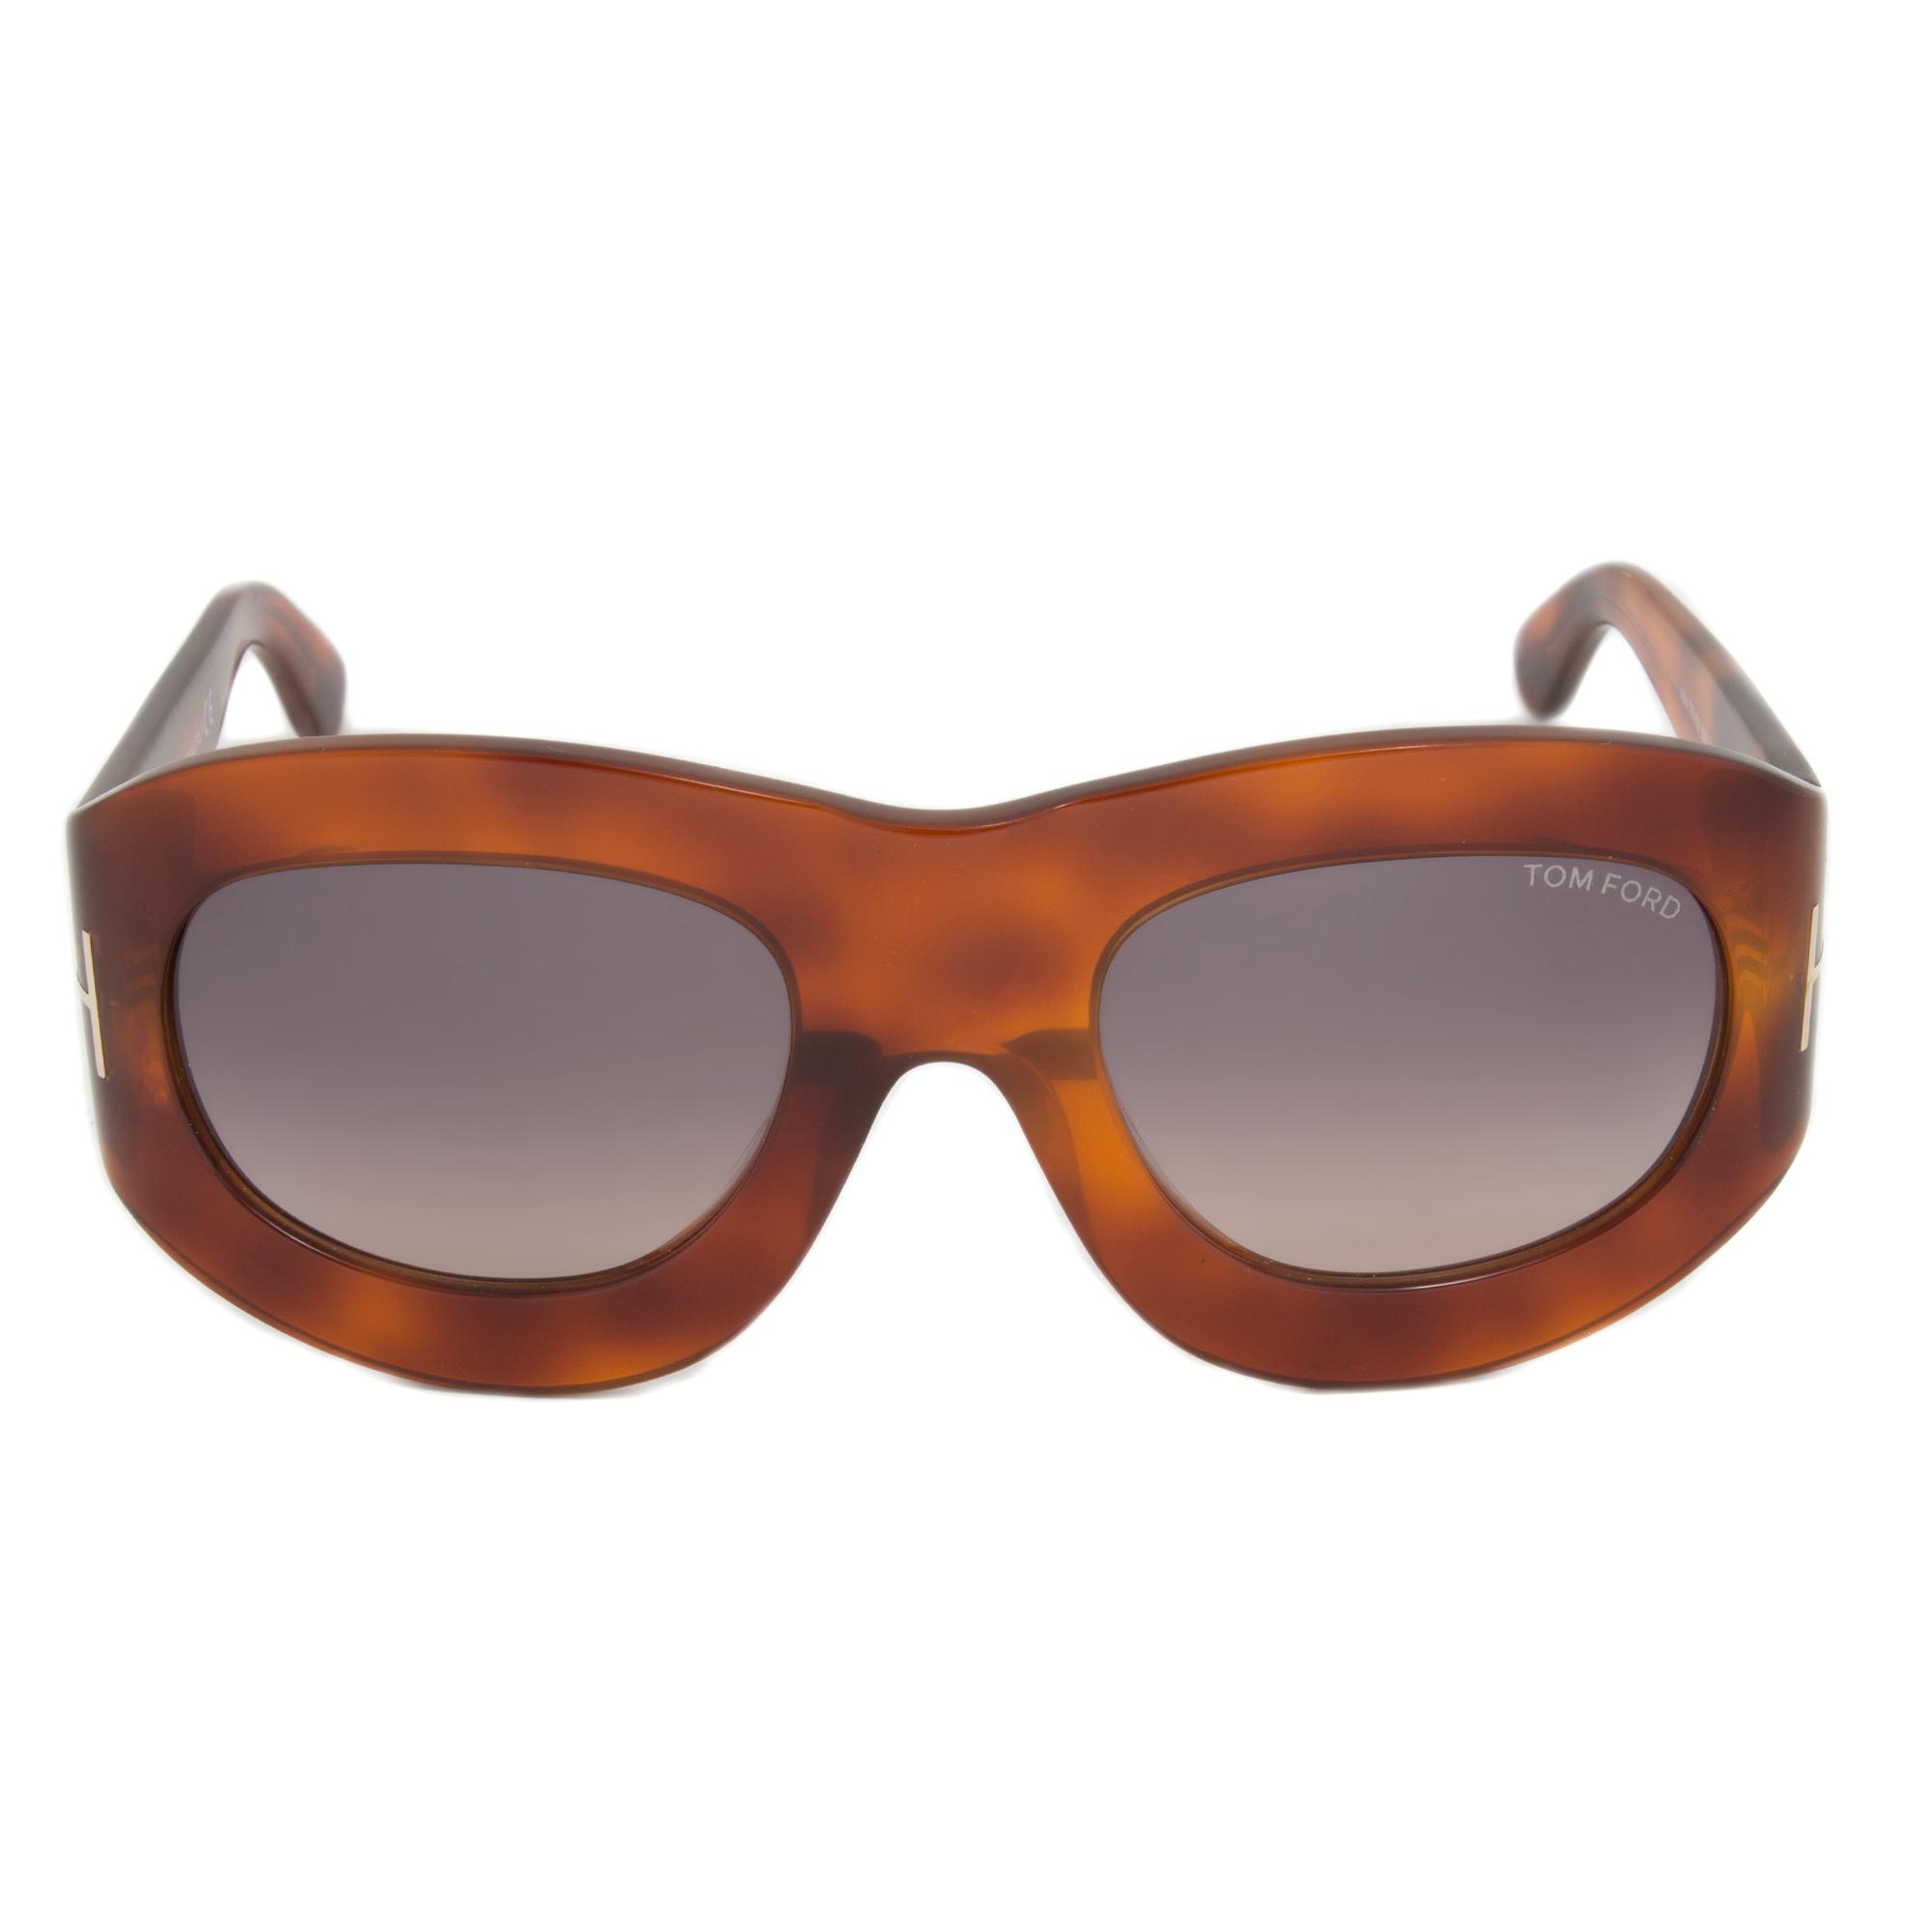 2b6842620b Tom Ford FT0403 52B Mila Square Sunglasses